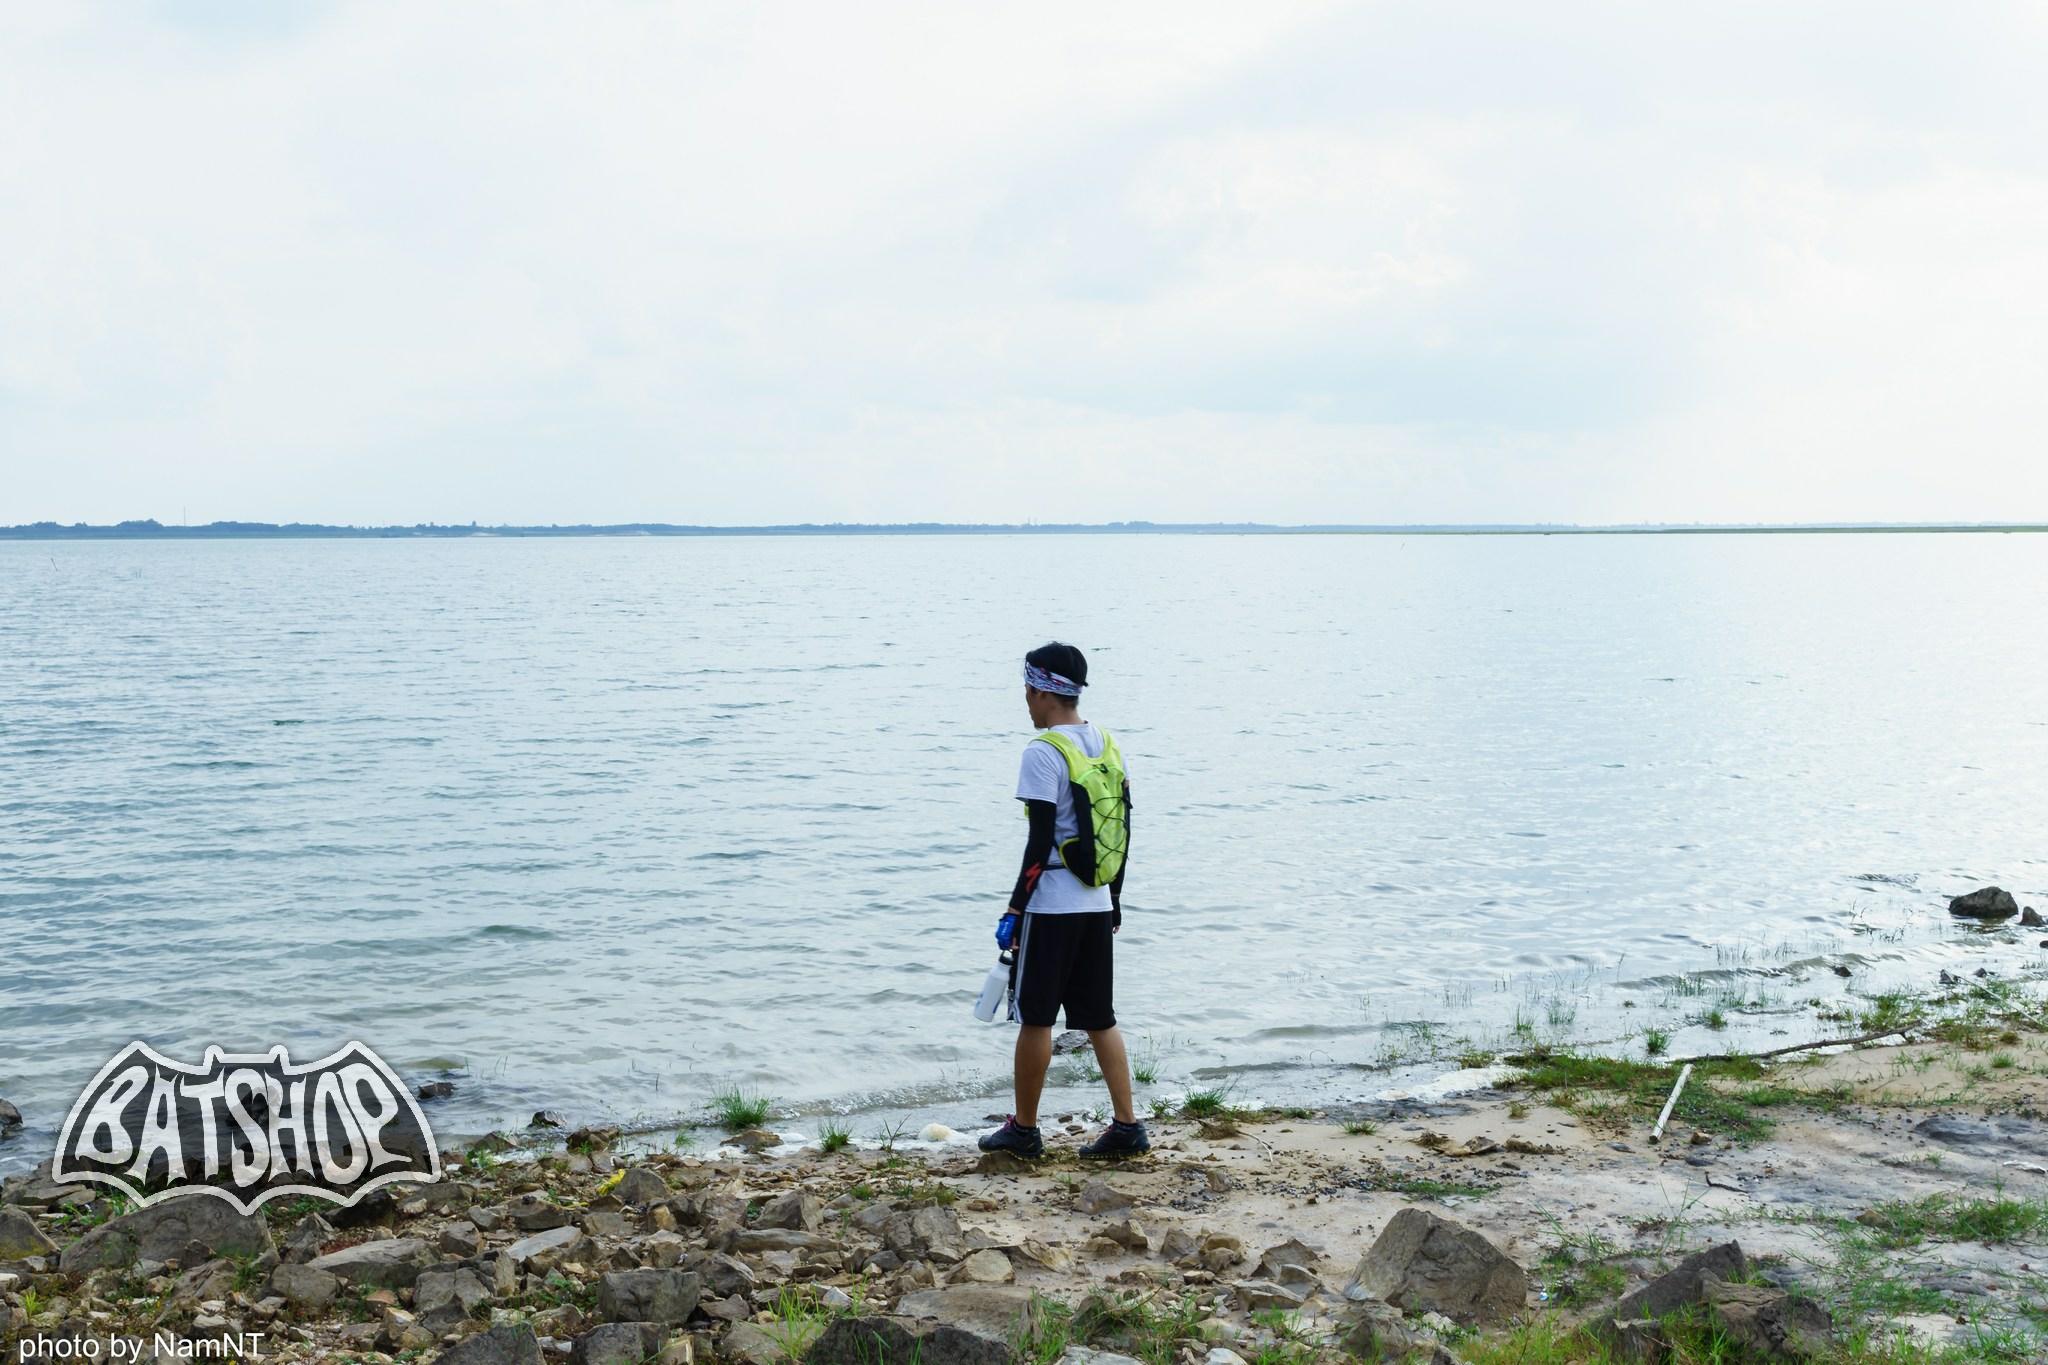 20024536244 7a7daef4e5 k - Hồ Cần Nôm-Dầu Tiếng chuyến đạp xe, băng rừng, leo núi, tắm hồ, mần gà